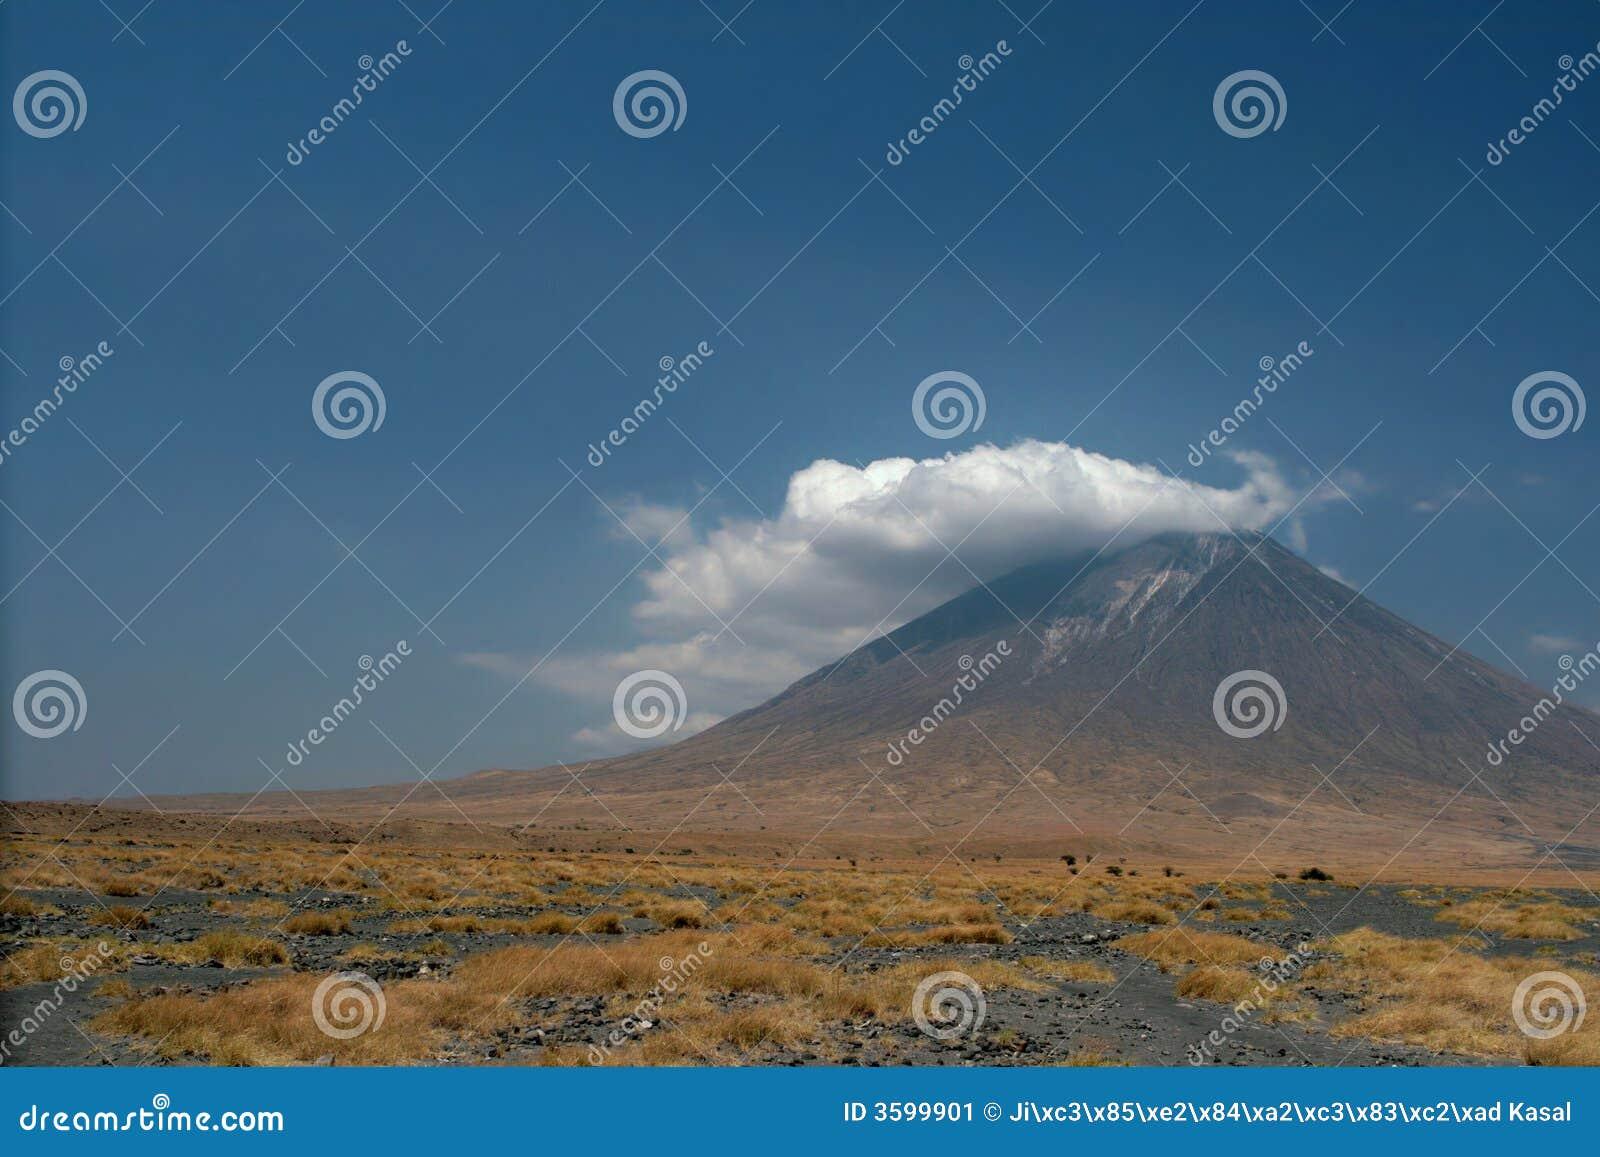 Vulcão Lengai em Tanzânia, África